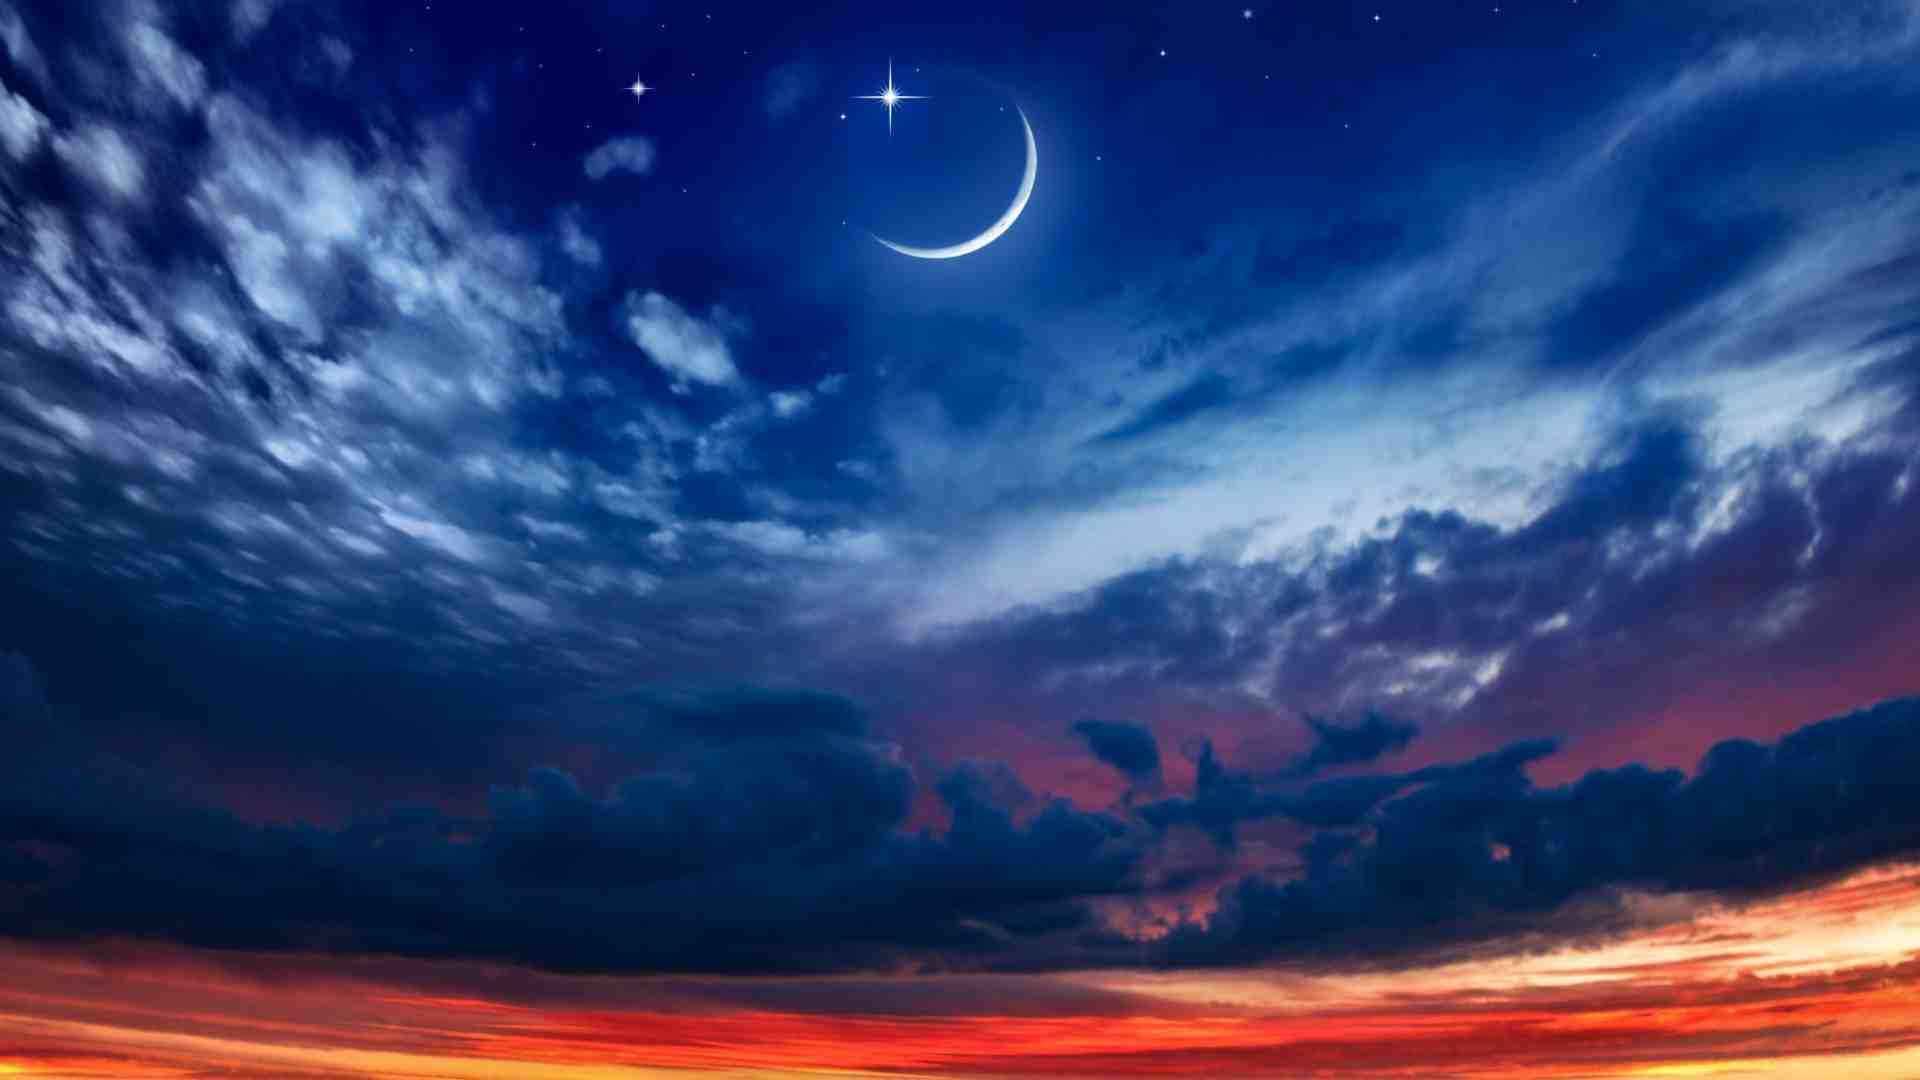 Luna Nov Býk 11. máj 2021 AnteAr